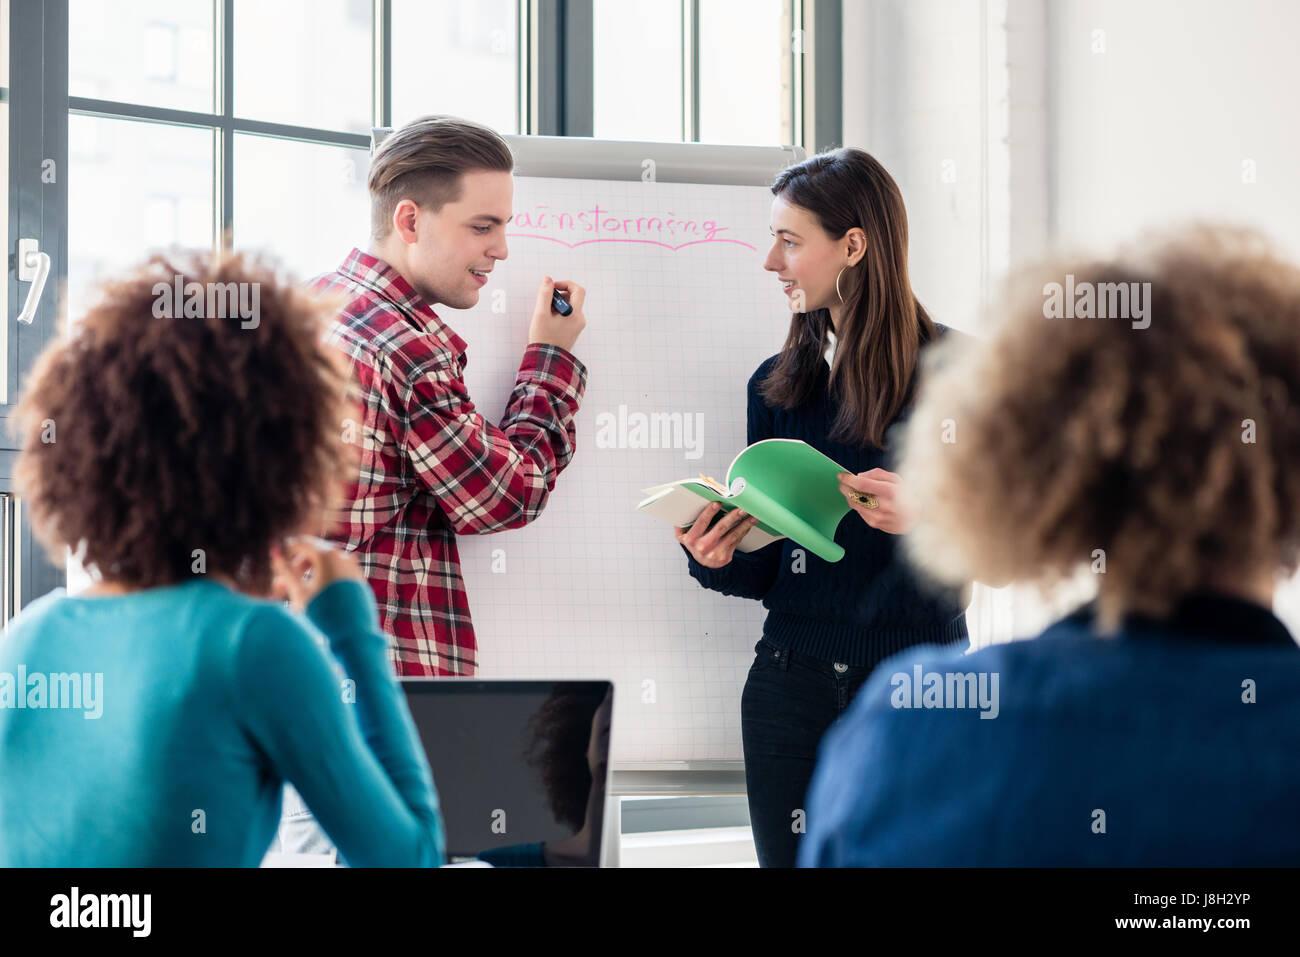 Les élèves partagent des idées et opinions alors que lors d'un remue-méninges Photo Stock